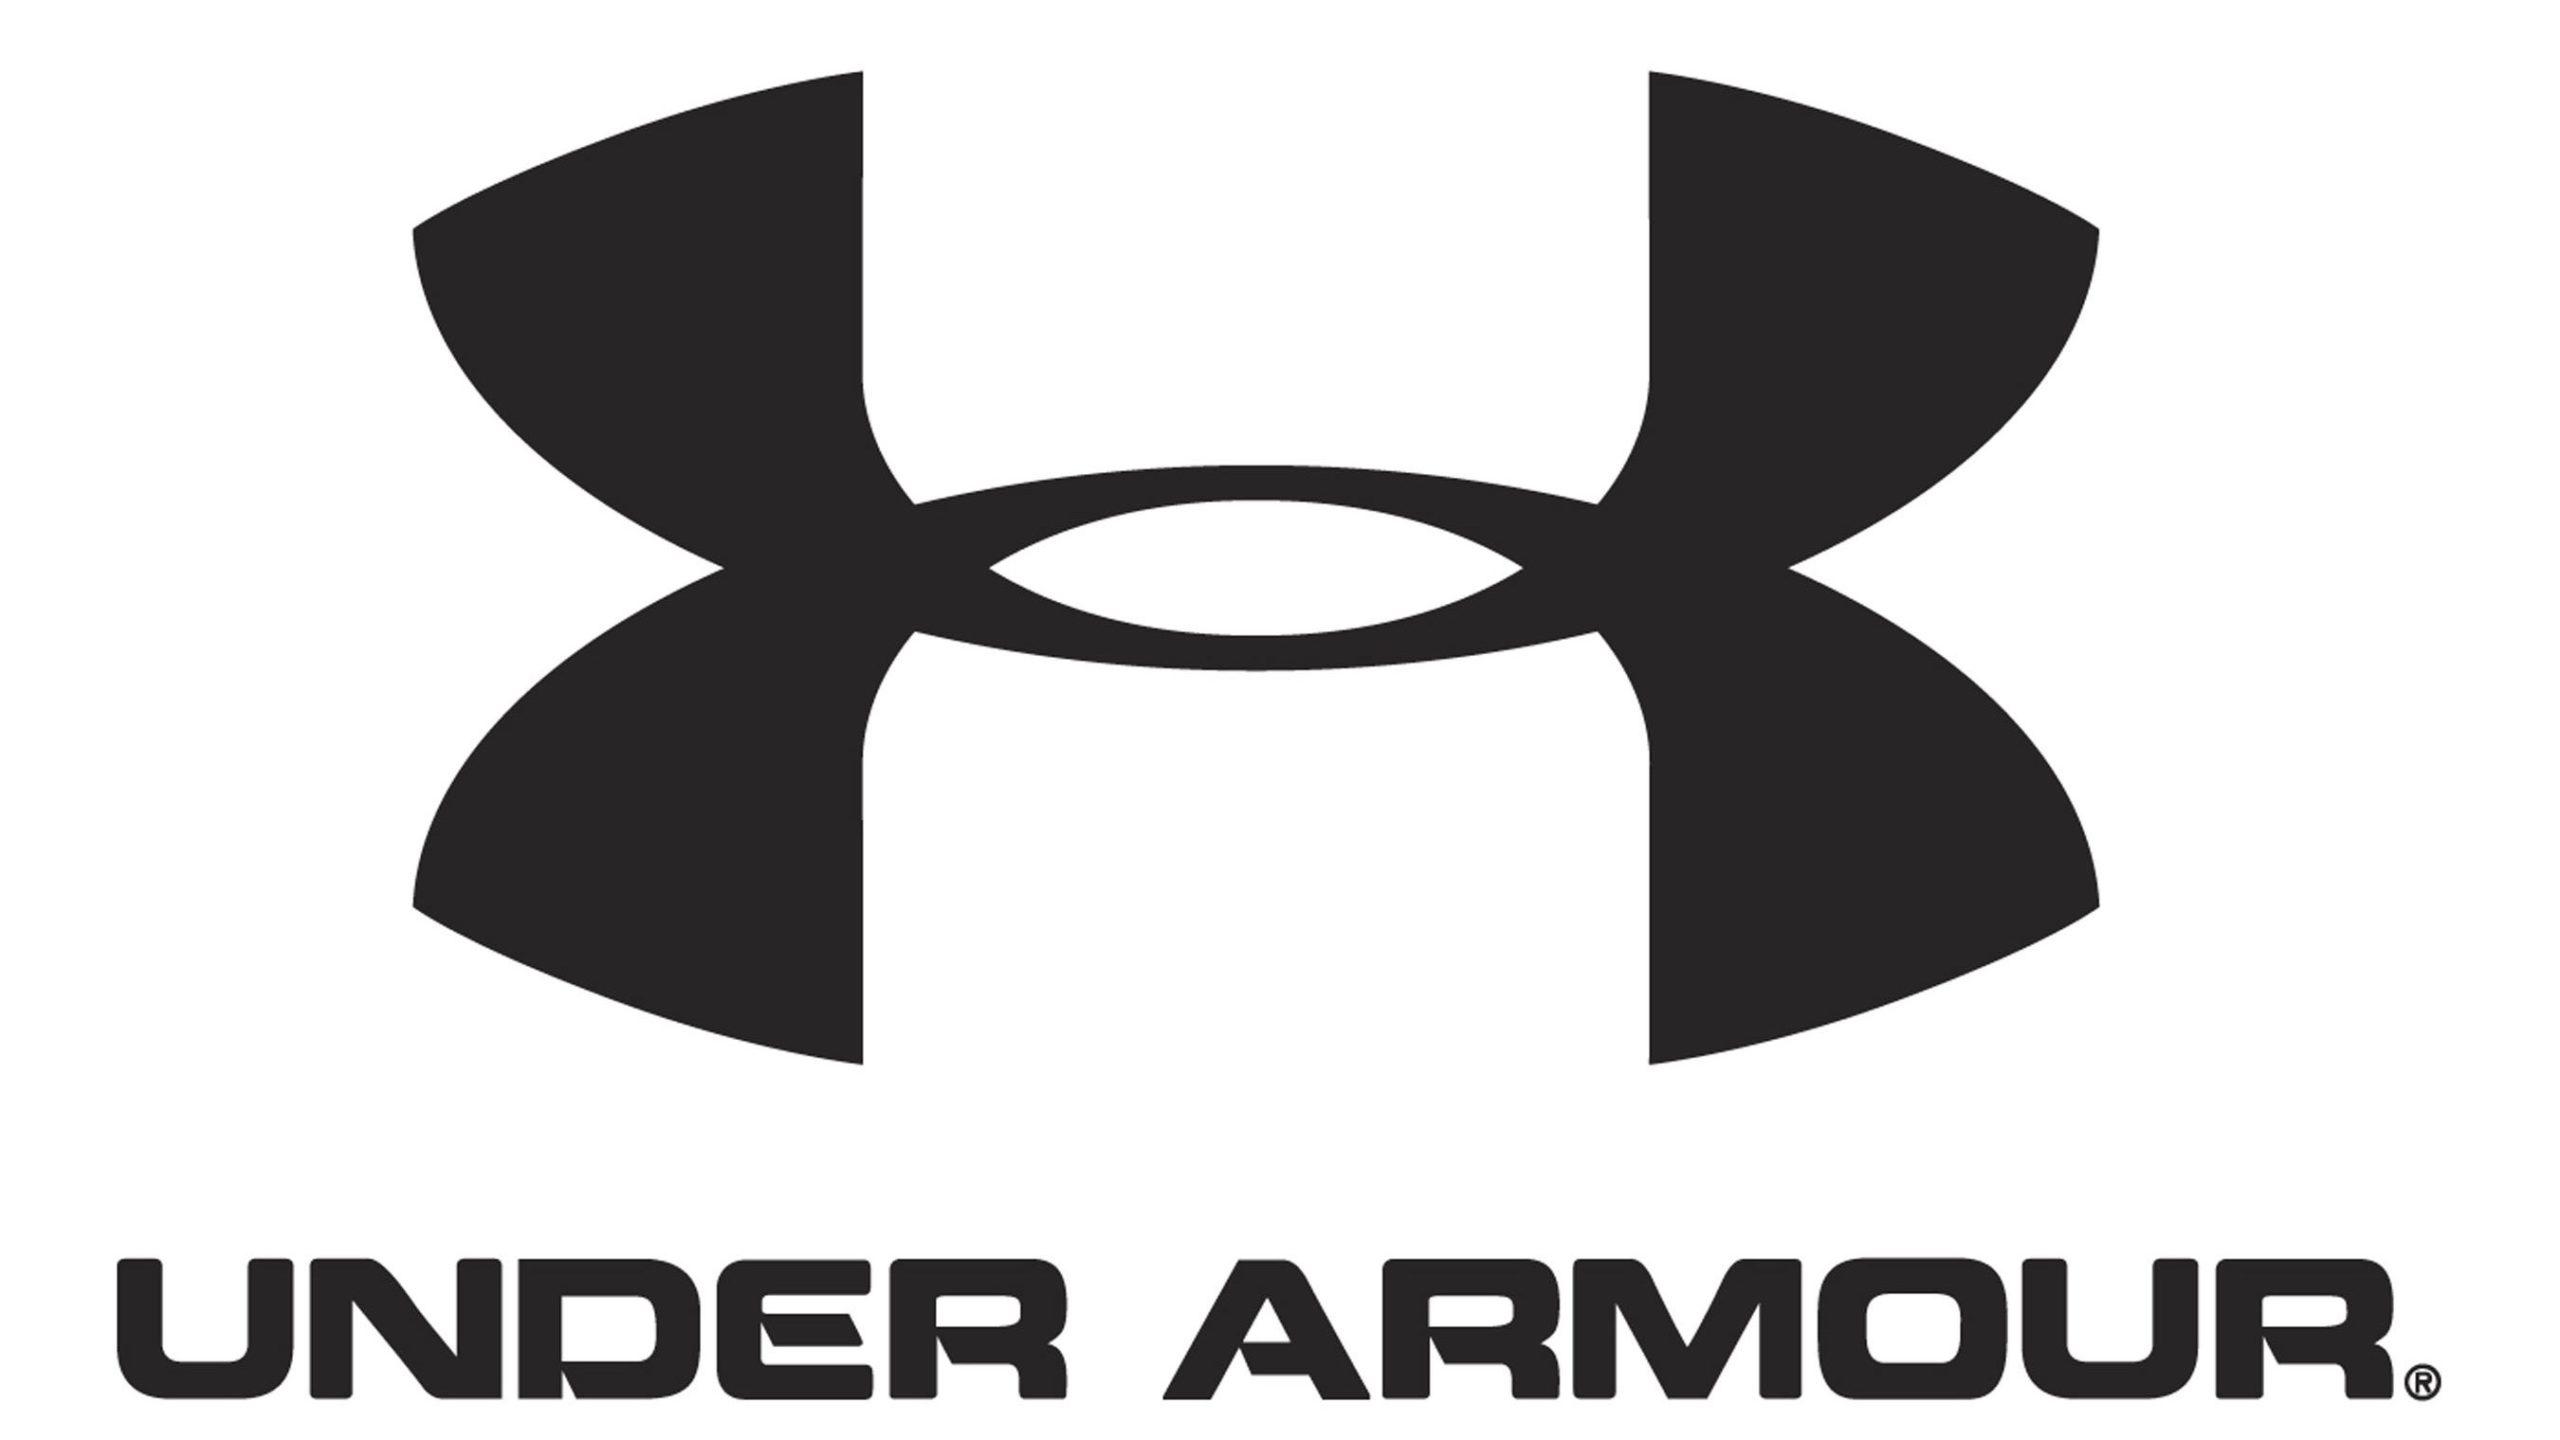 under armour logo resized